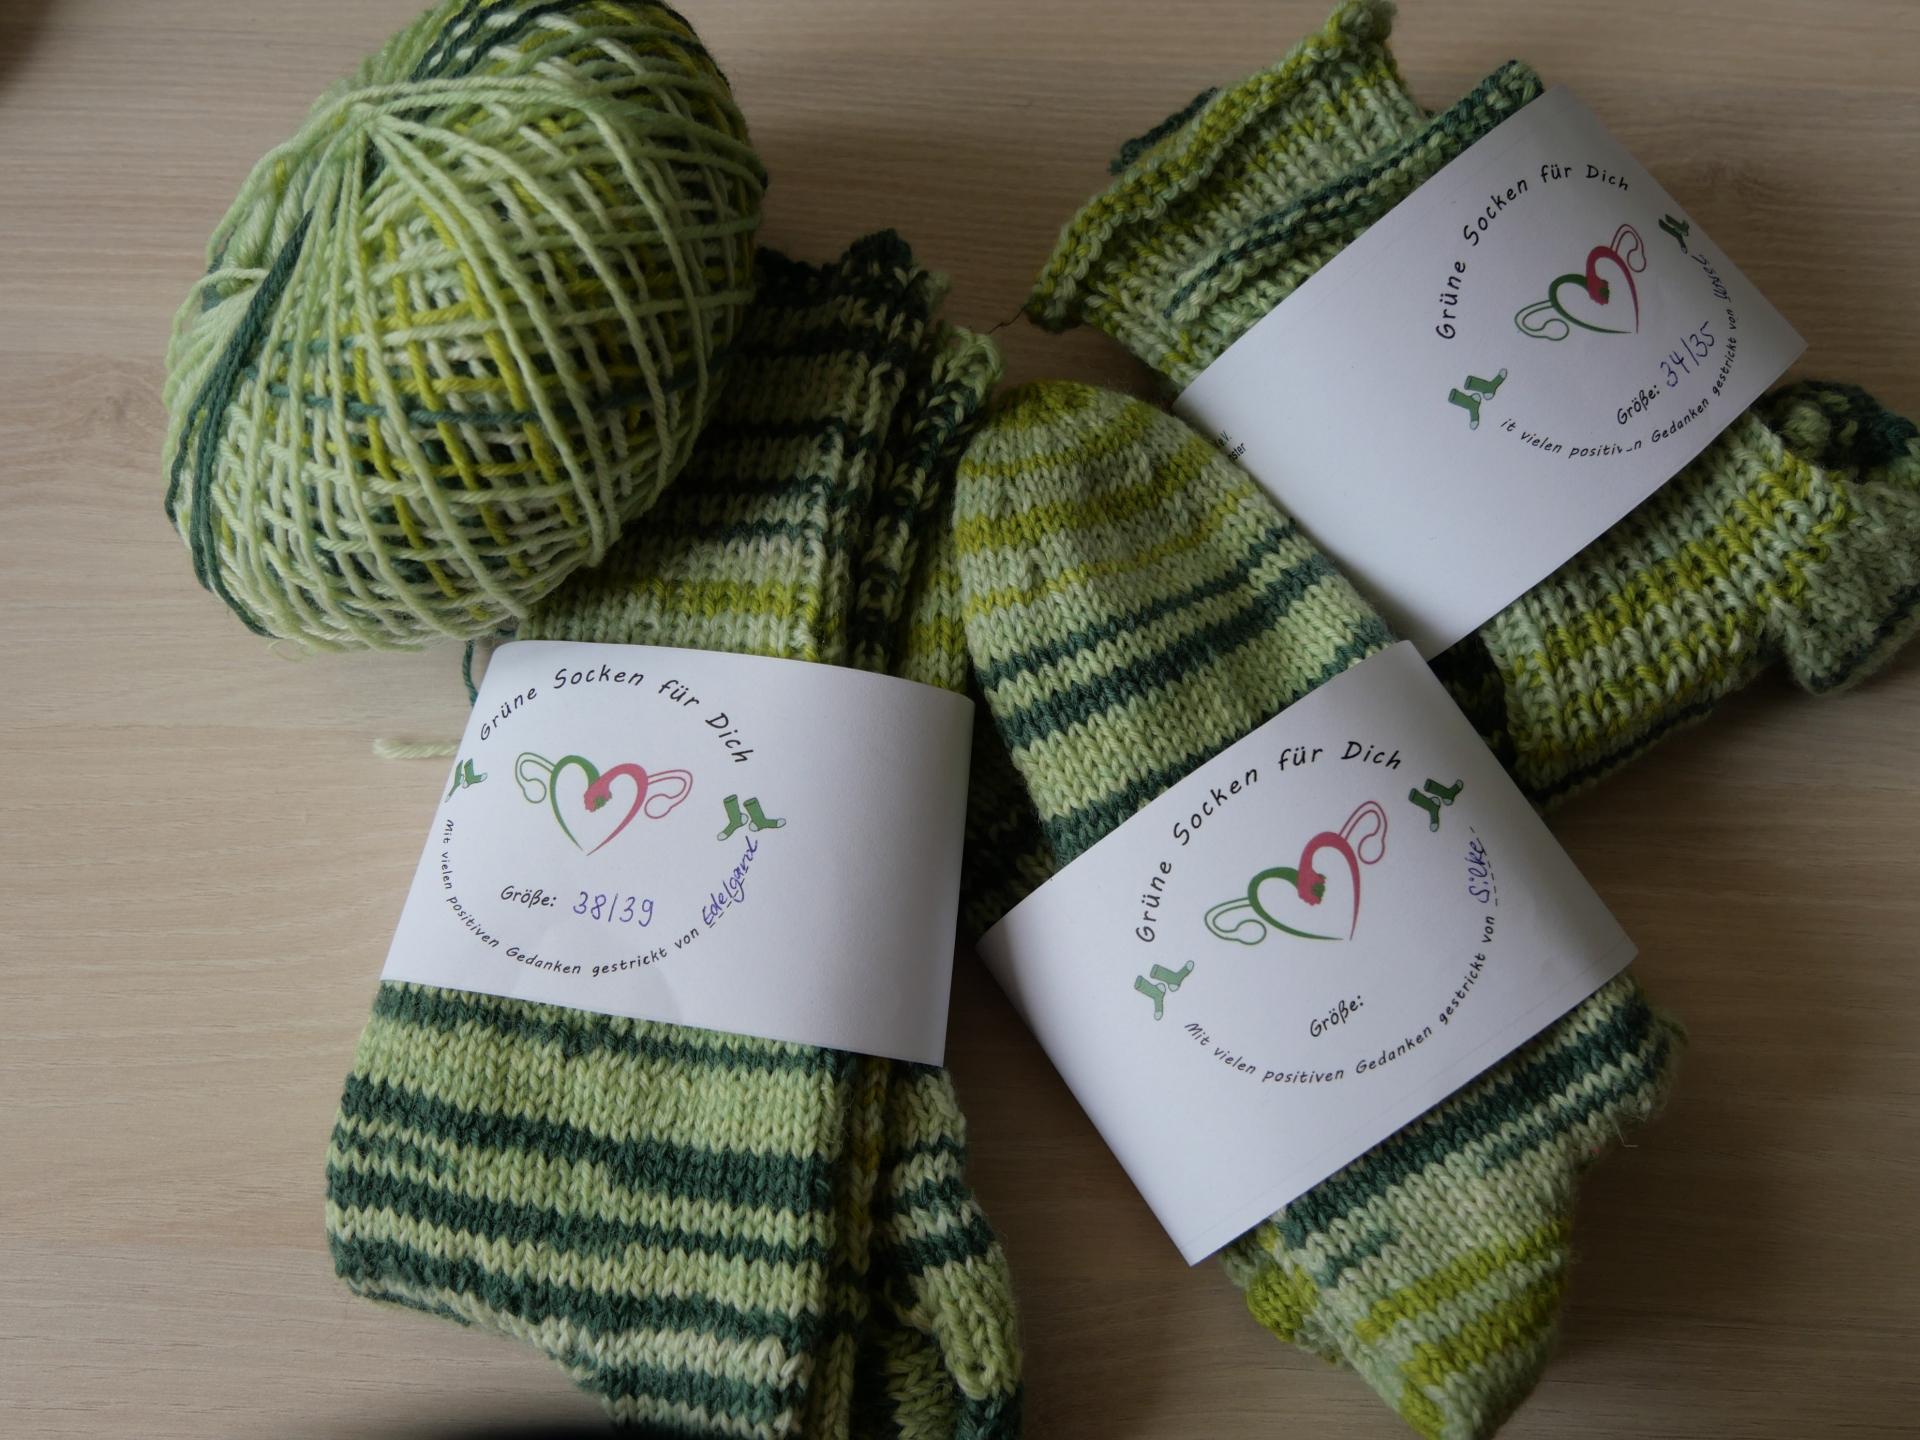 Foto: selbstgestrickte grüne Socken für den guten Zweck